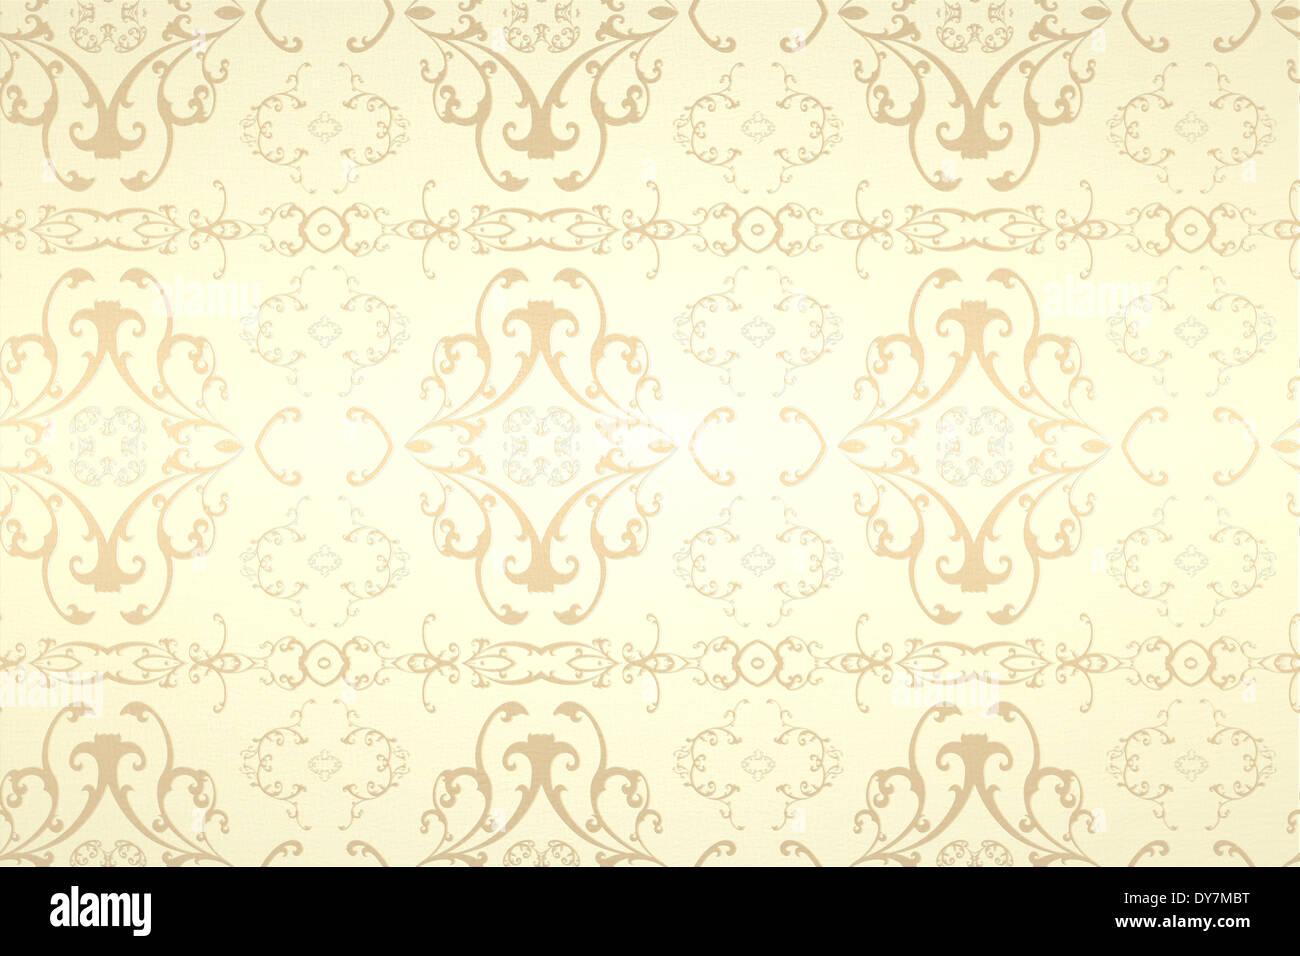 Neutral tones stock photos neutral tones stock images for Carta parati elegante